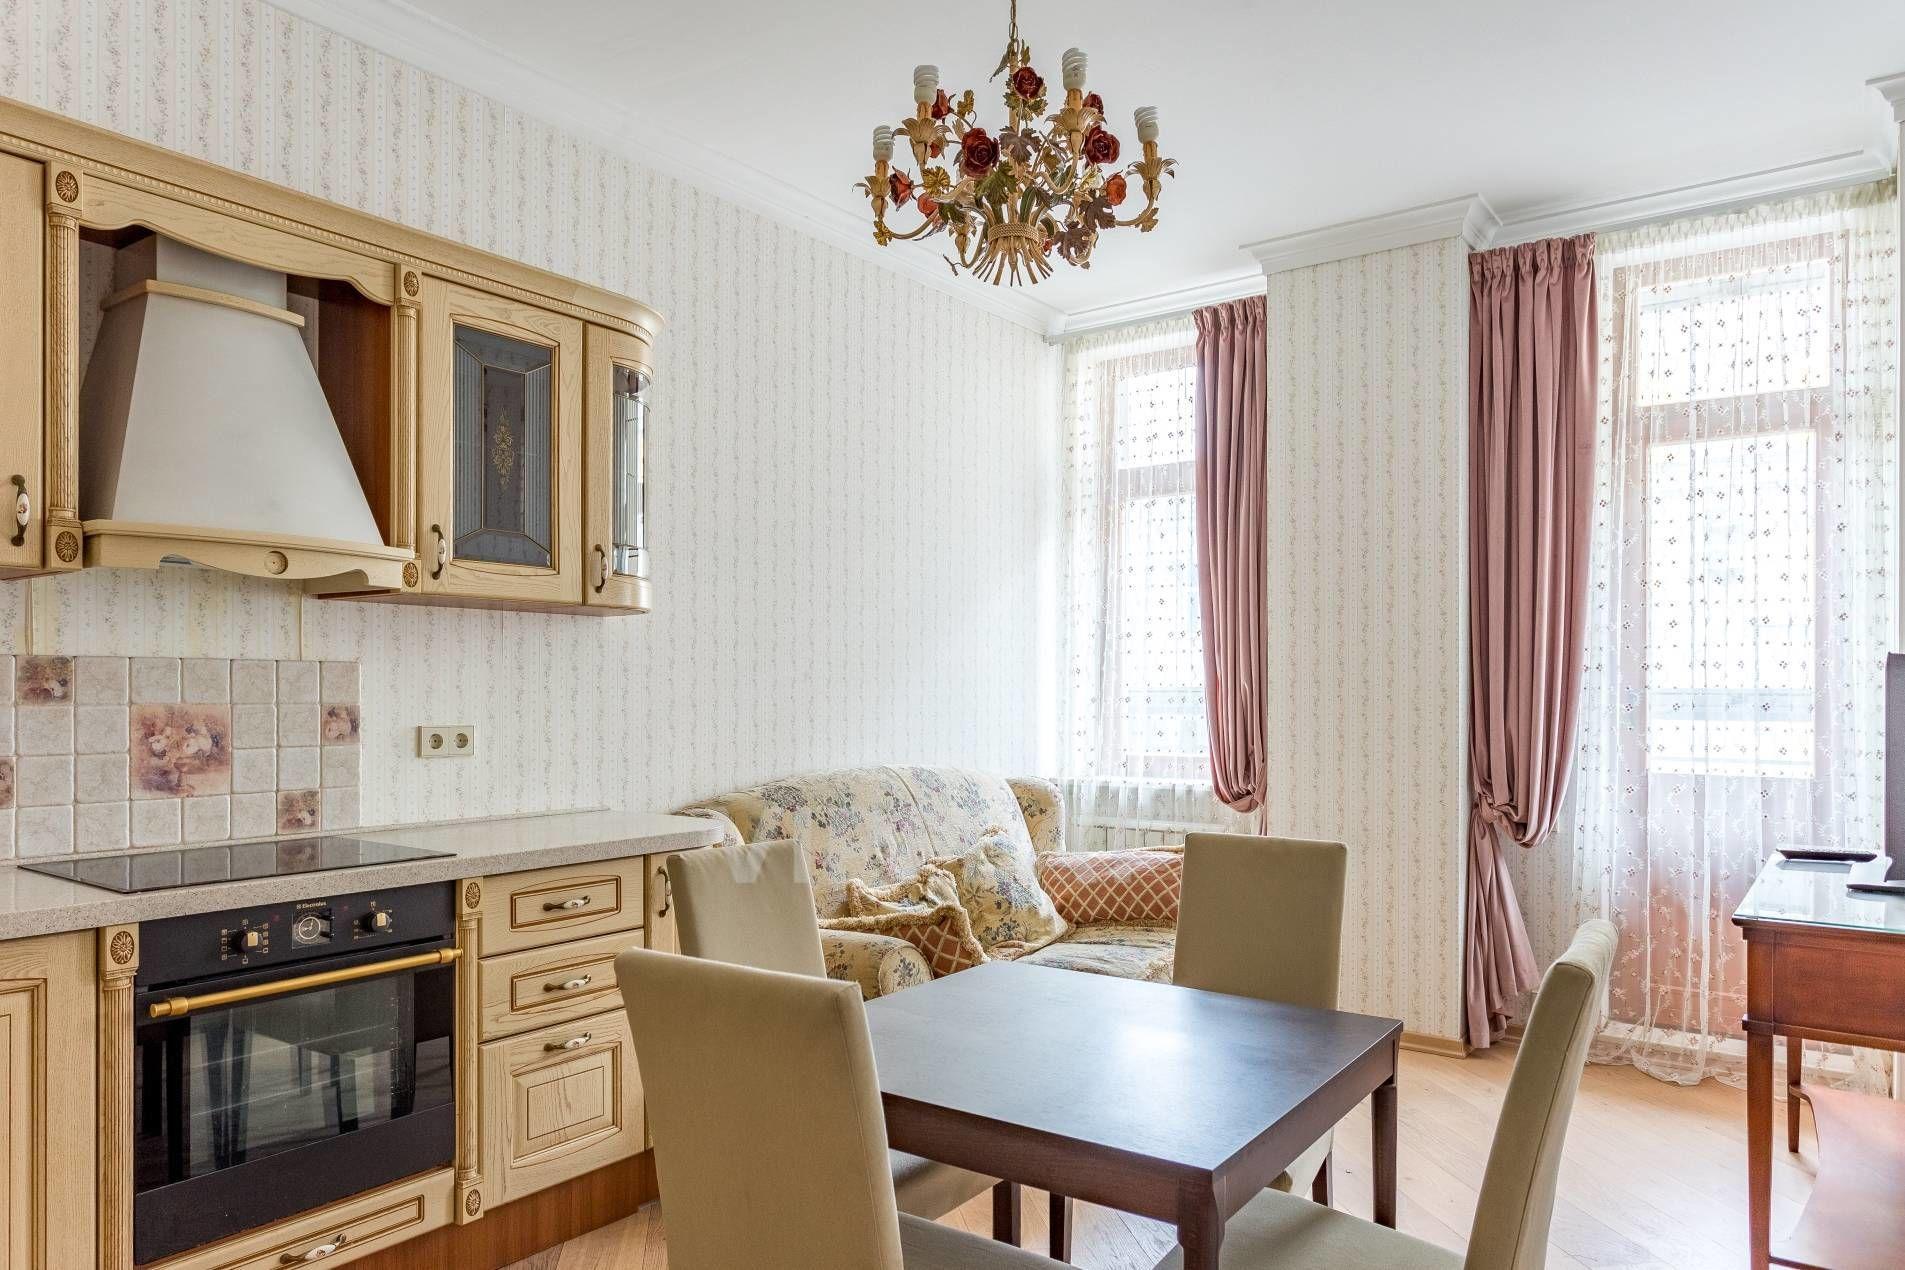 Продажа элитных квартир Санкт-Петербурга. Каменноостровский пр., 40а Интерьеры в классическом стиле